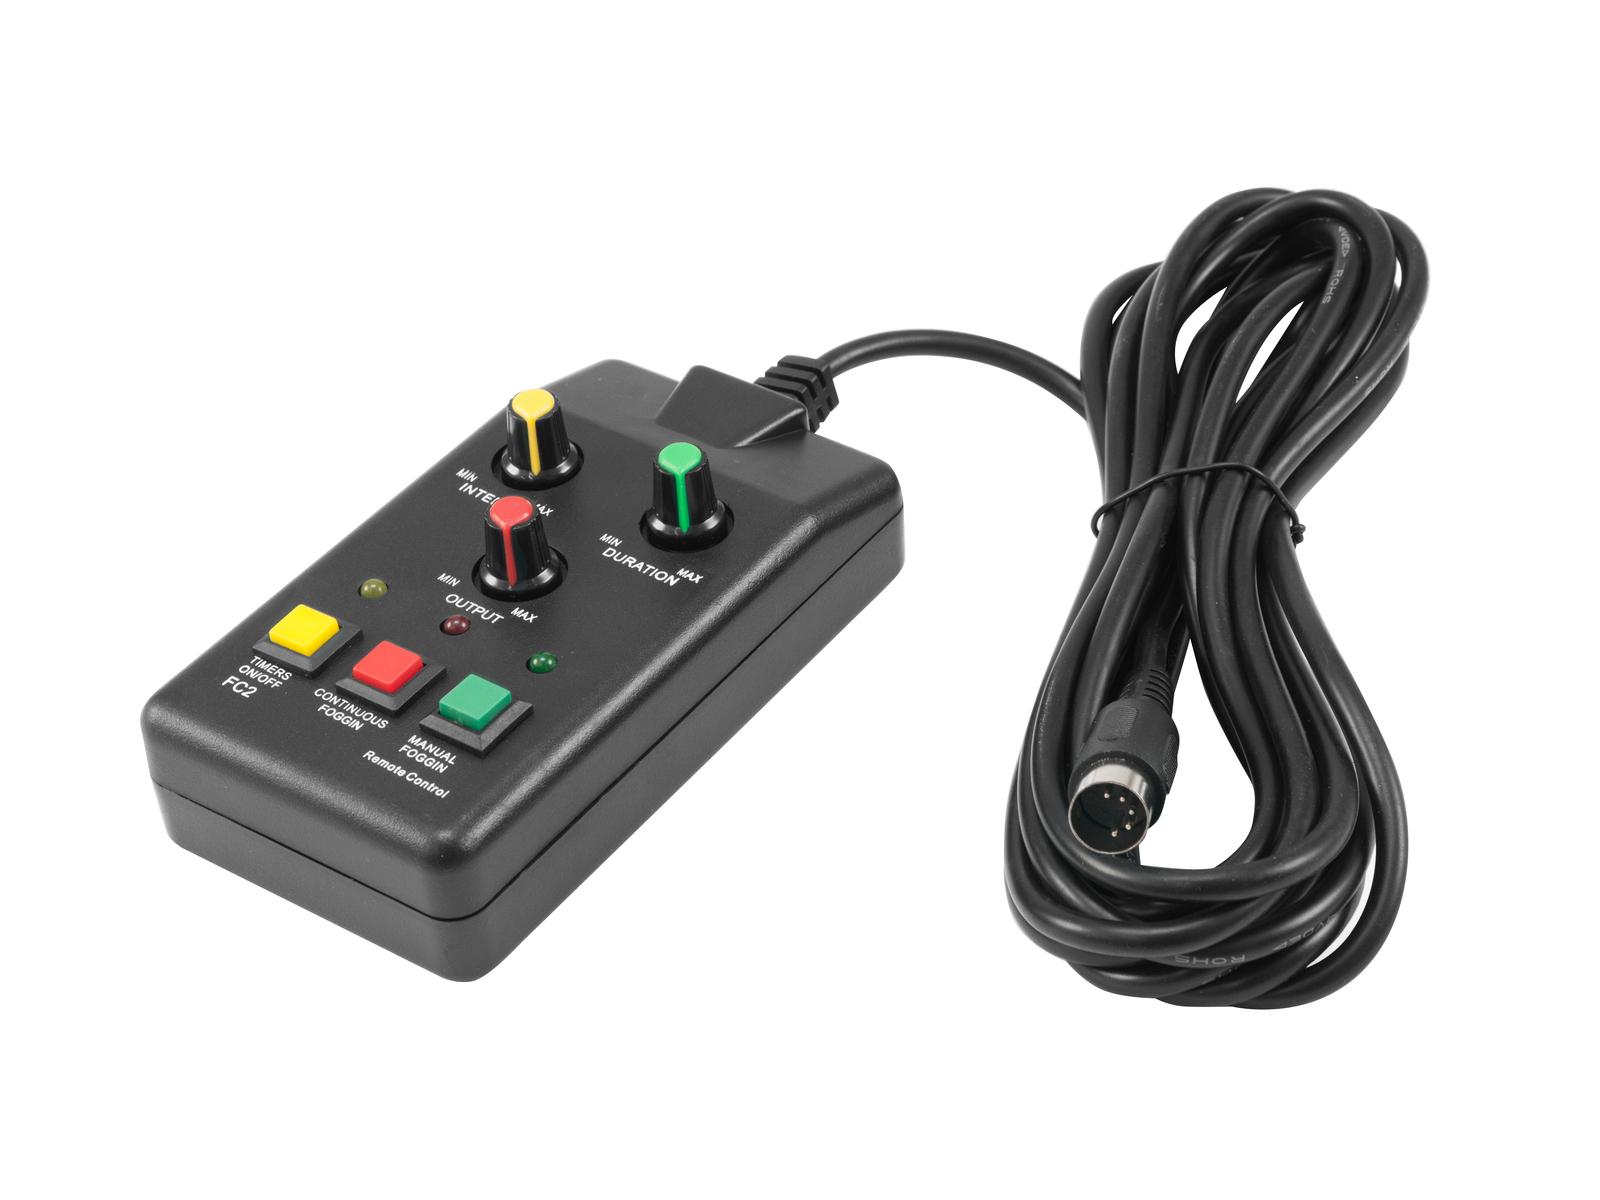 EUROLITE di controllo Remoto (Timer) LNB-600 LED Hybrid Nebbia Bolla